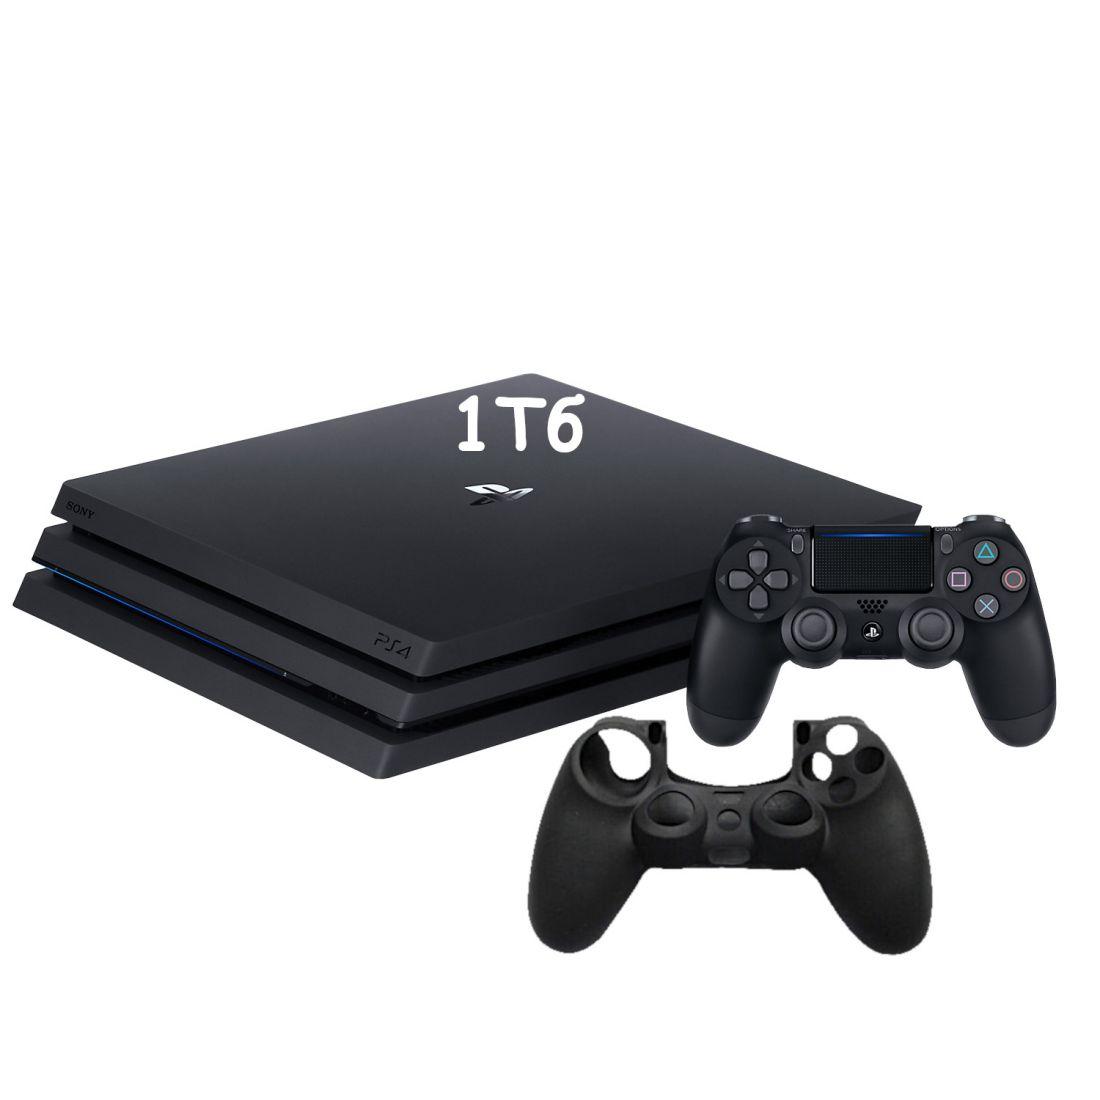 Sony PlayStation 4 Pro 1Tb ( CUH-7216B ) + Защитный чехол на джойстик из силикона